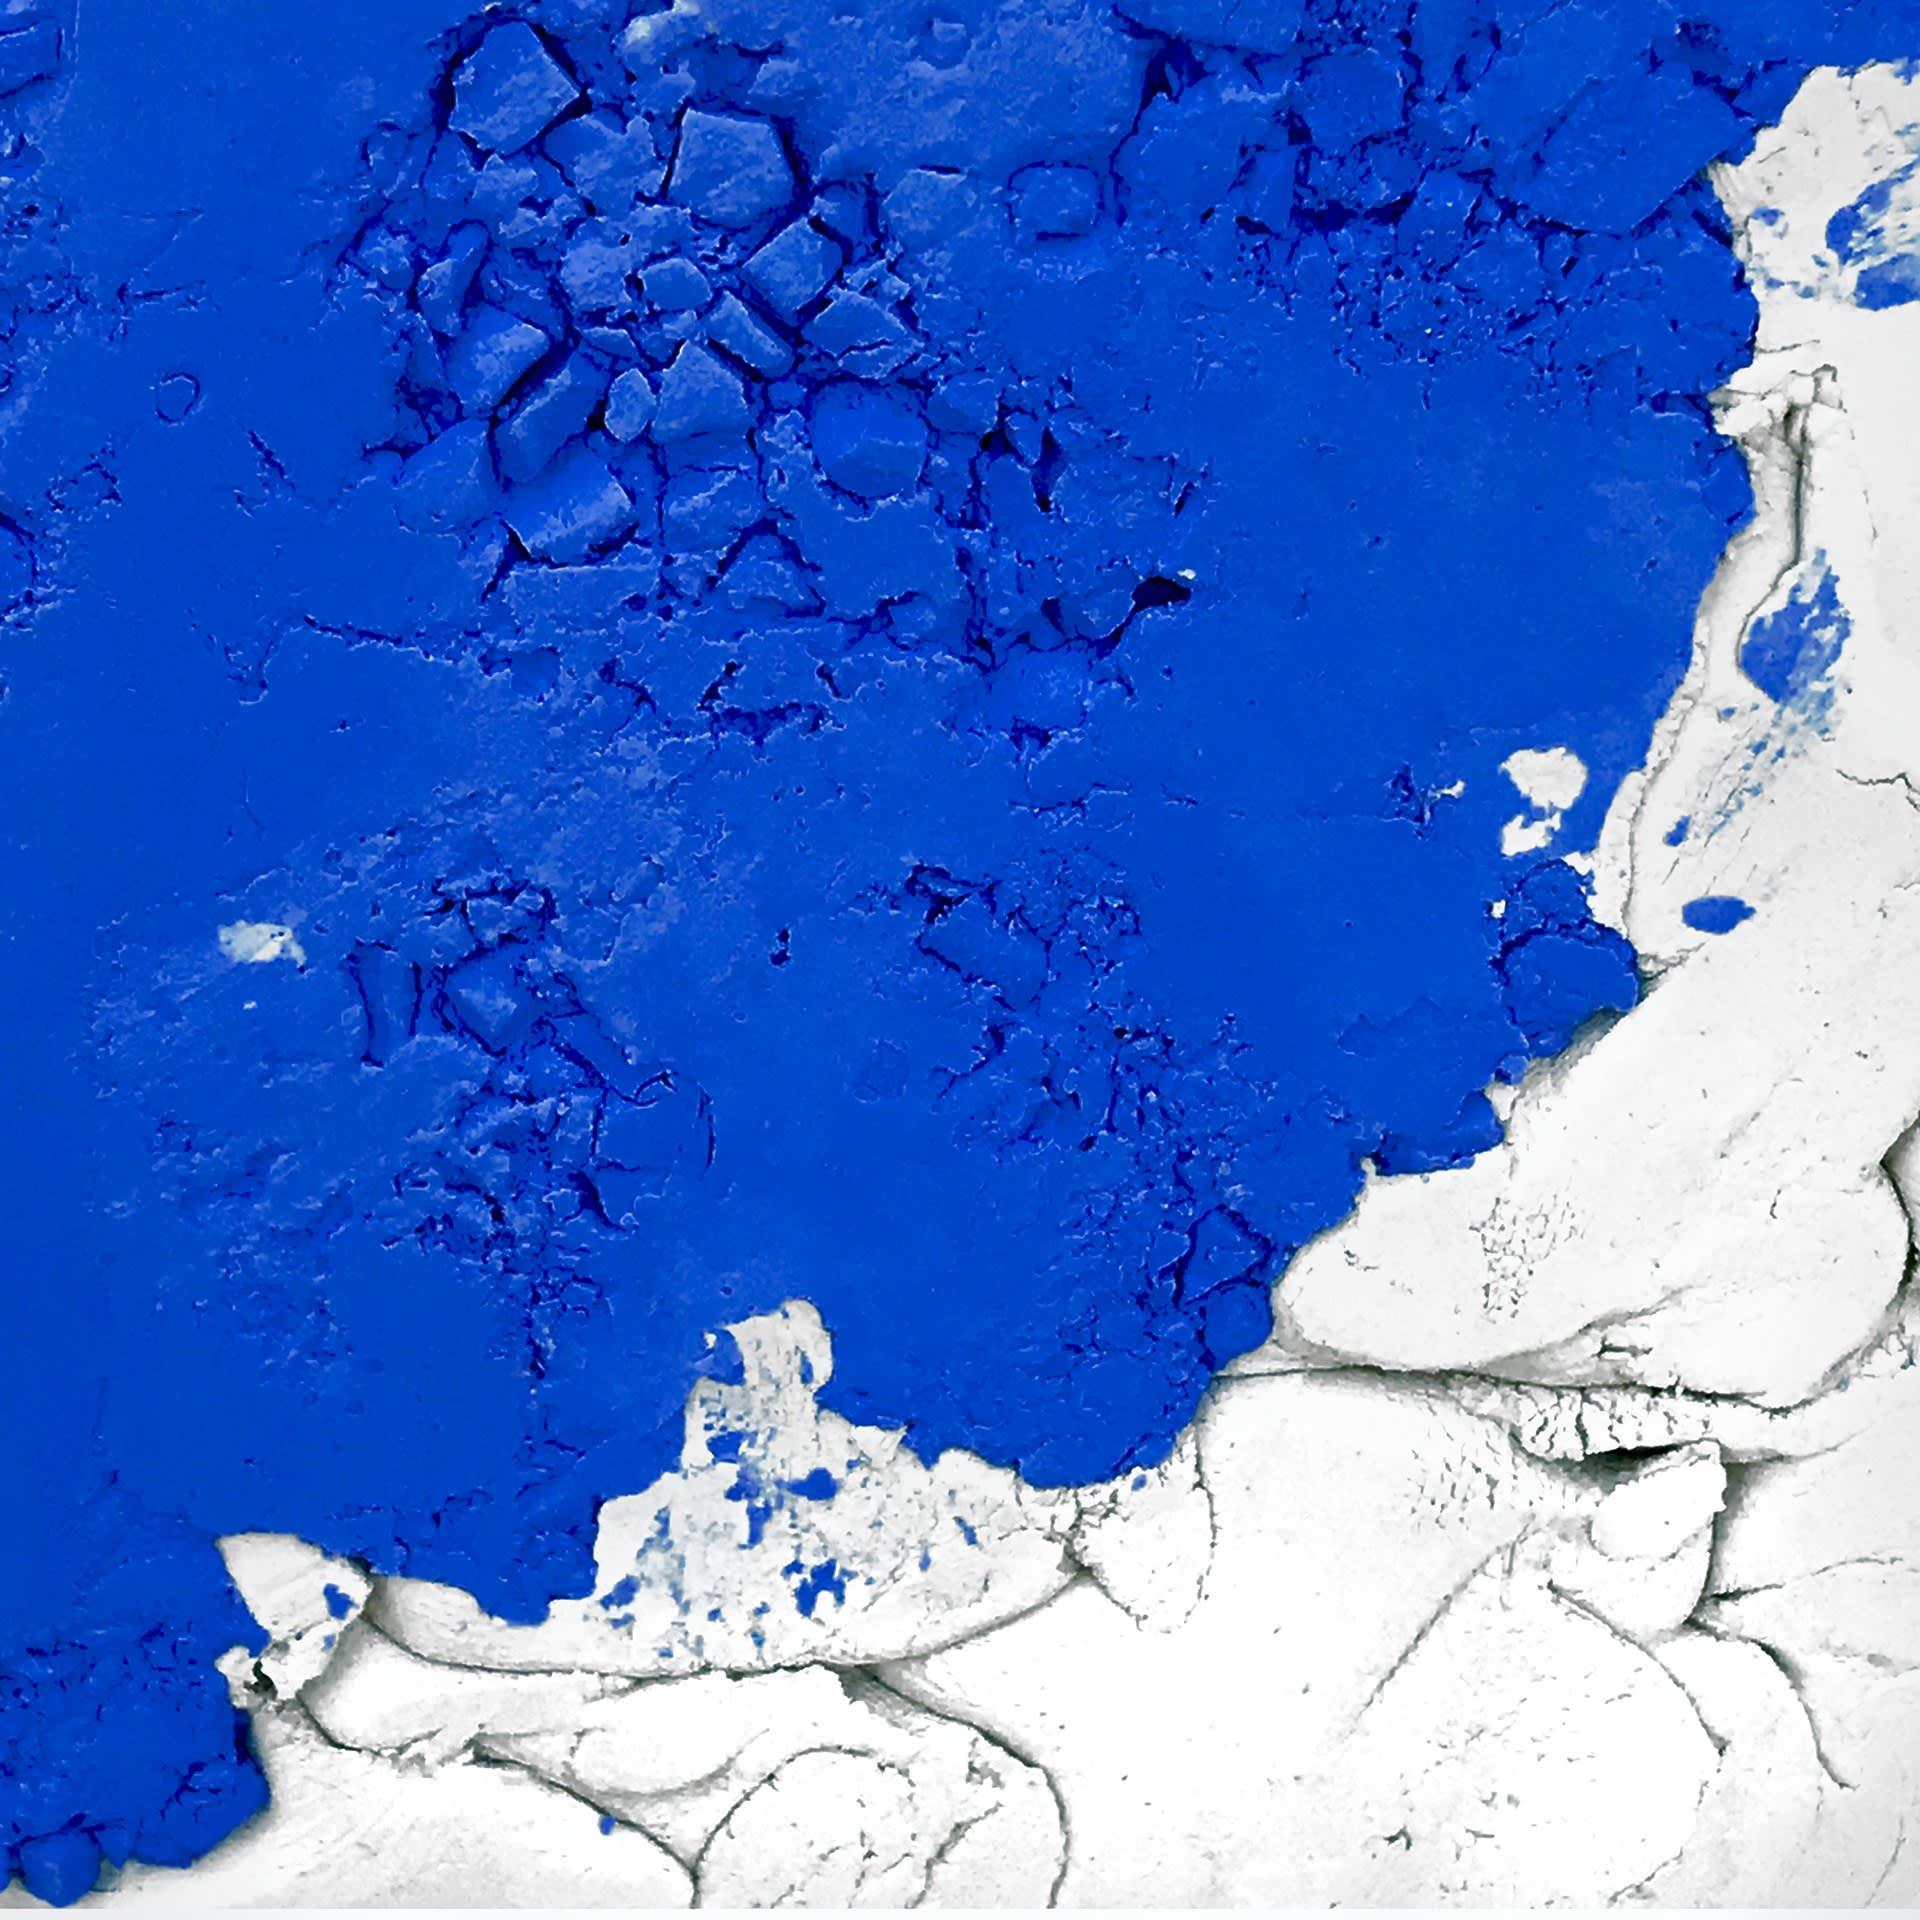 Emergence (Blue I) (detail)